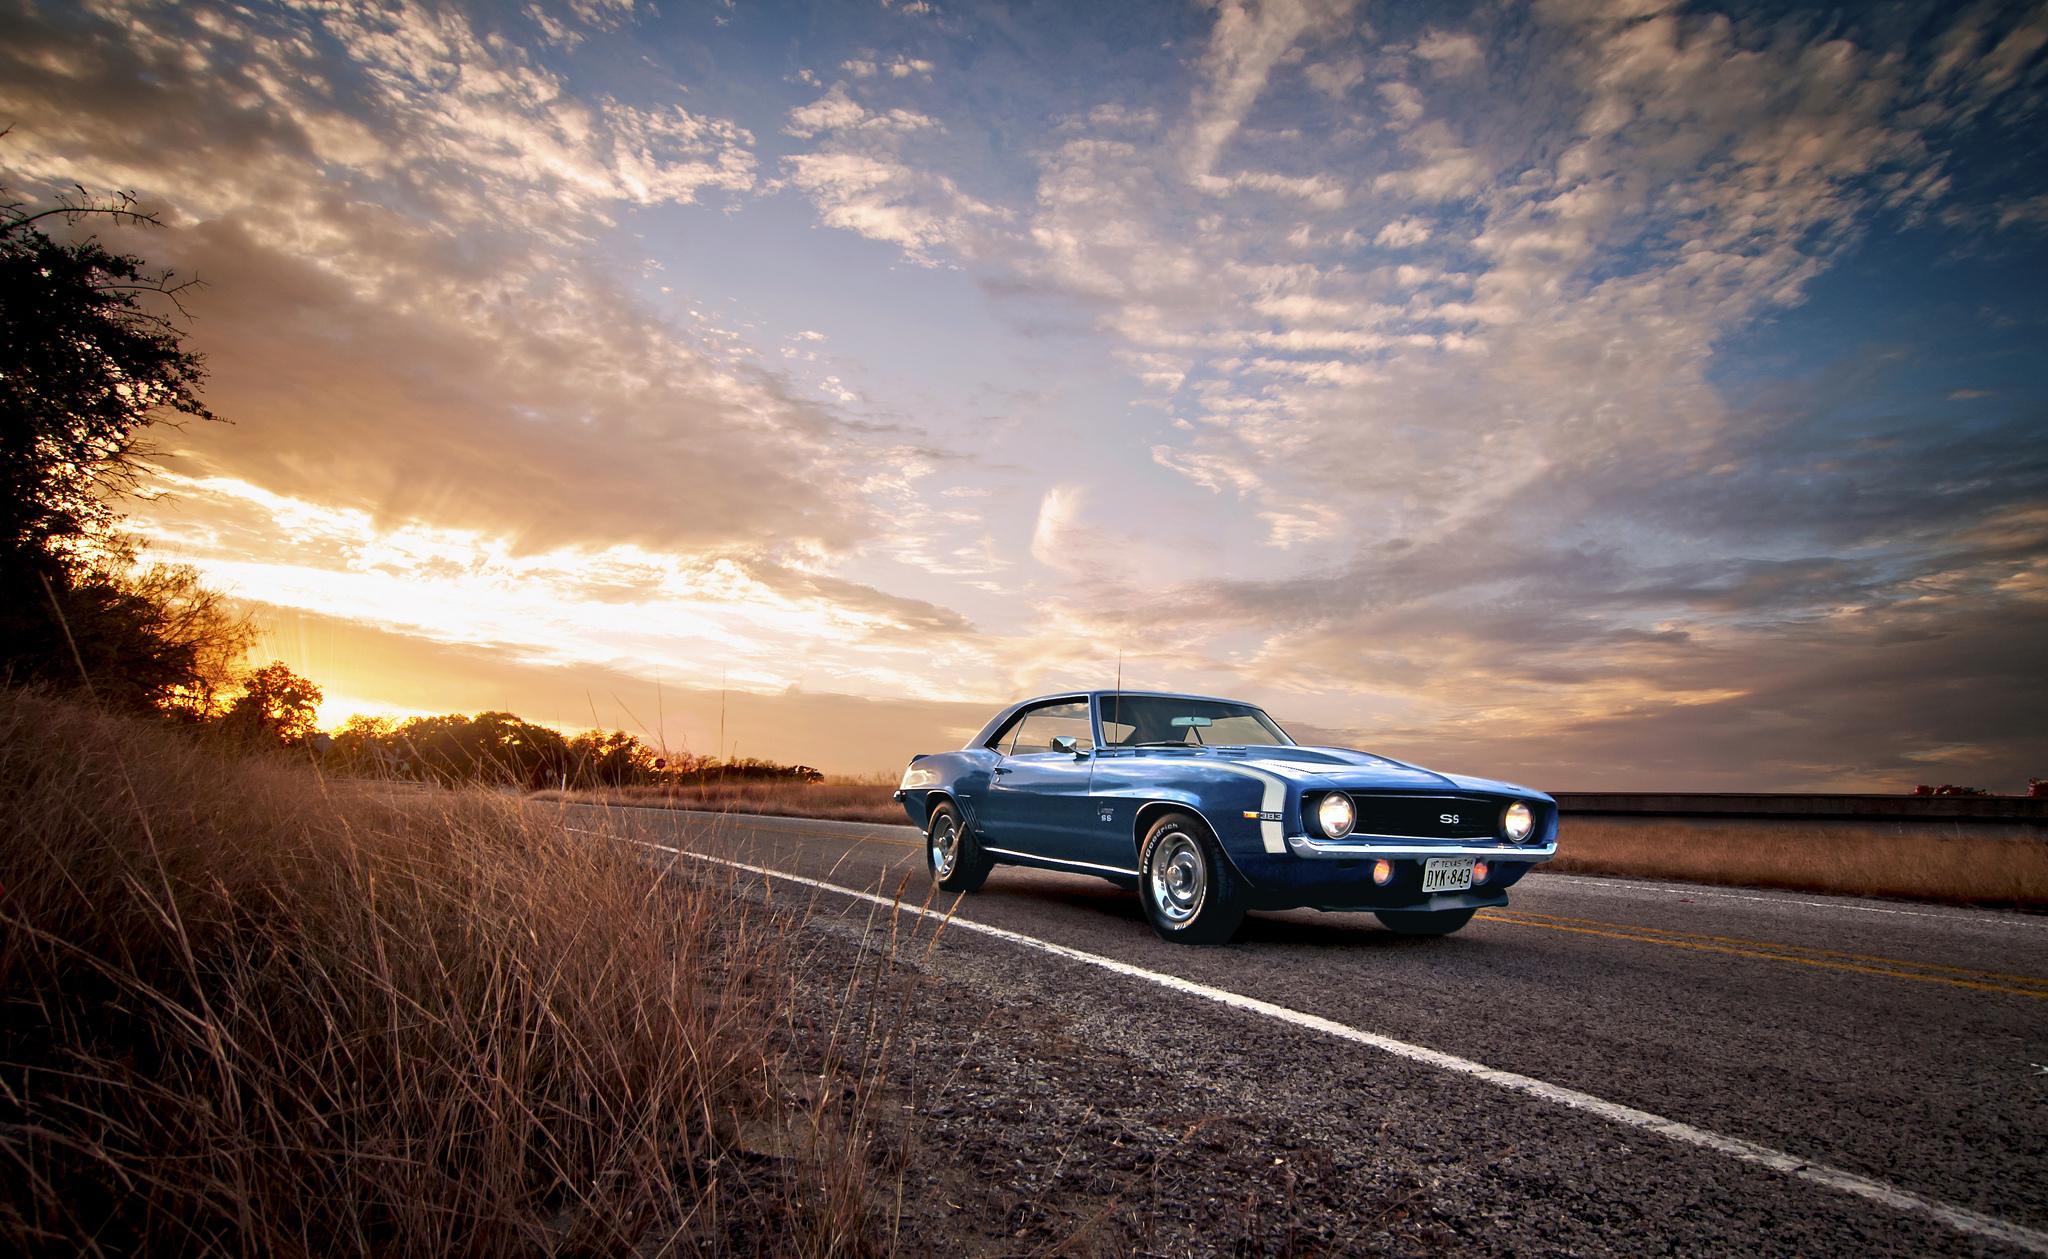 17803 скачать обои Транспорт, Машины, Закат, Дороги, Шевроле (Chevrolet) - заставки и картинки бесплатно